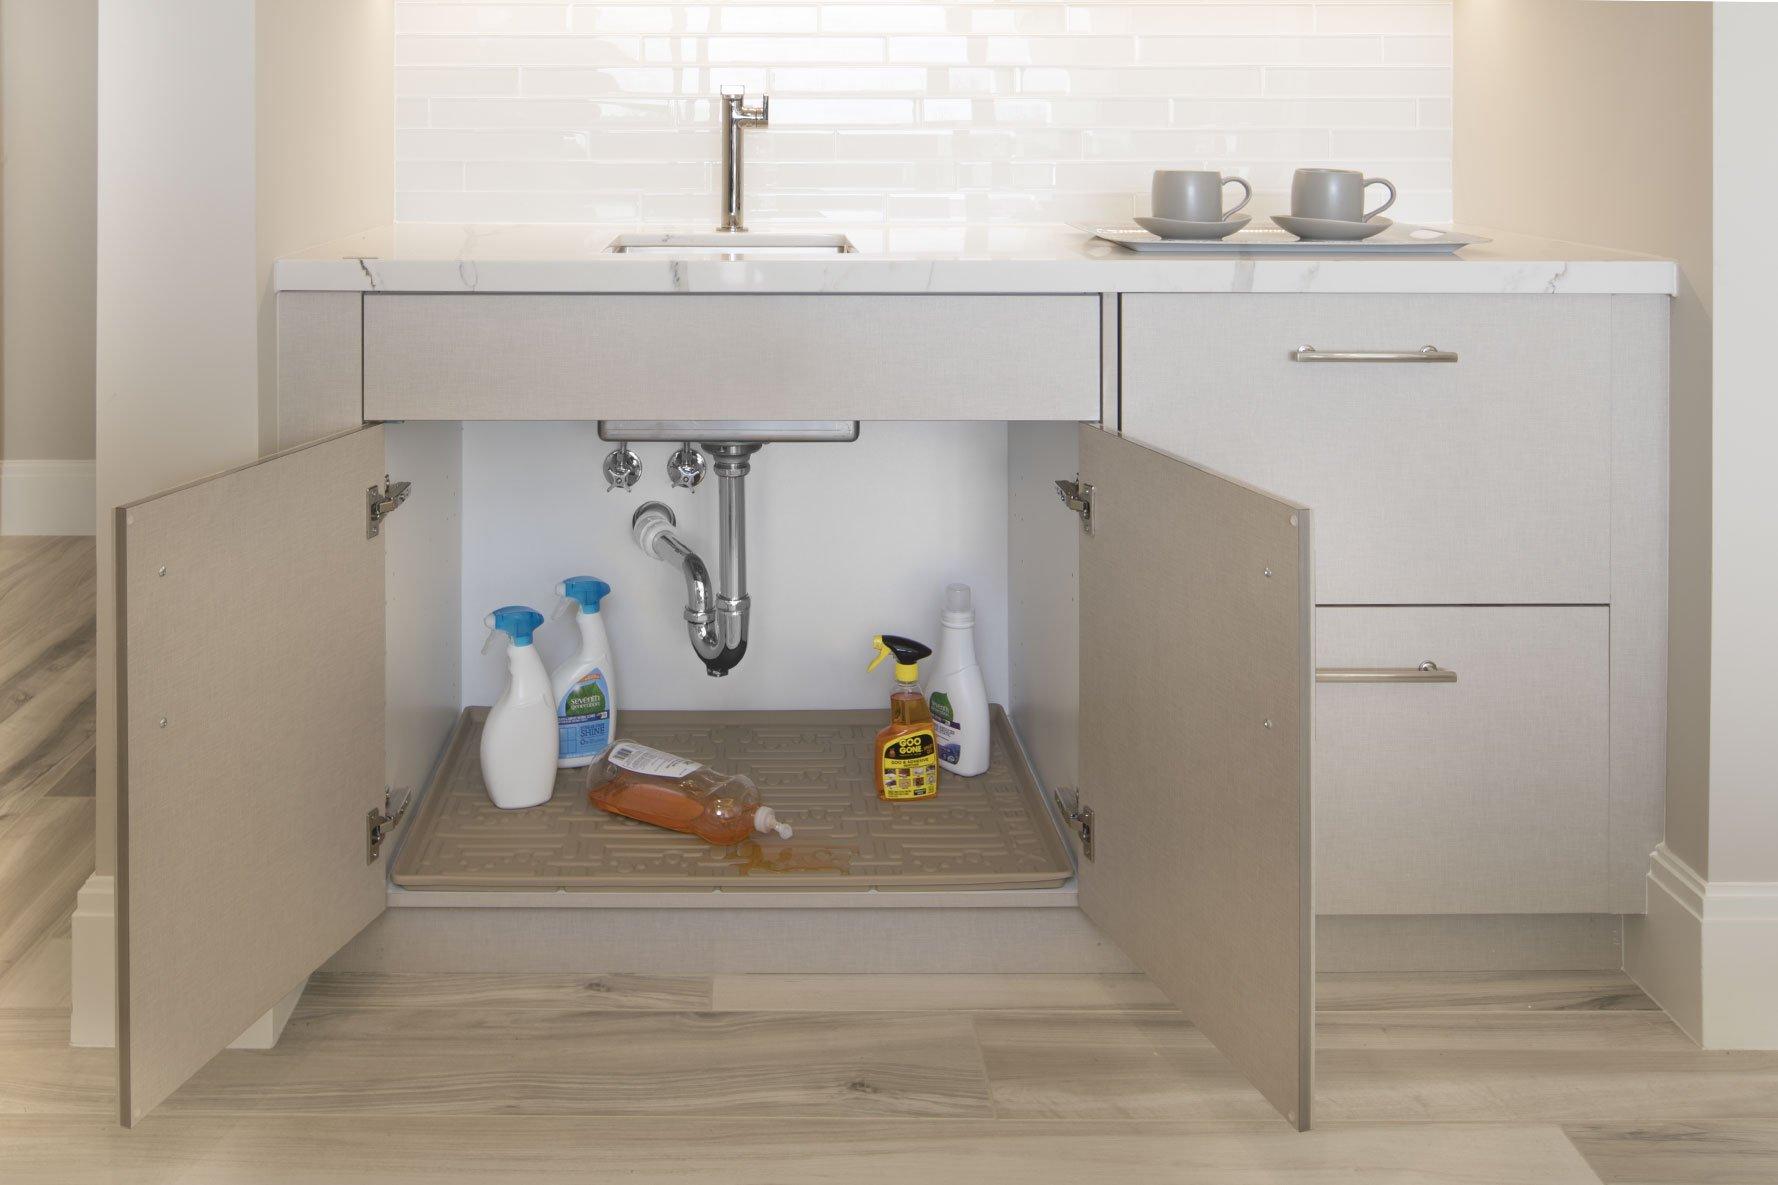 Xtreme Mats Under Sink Bathroom Cabinet Mat, 24 5/8 X 18 7/8, Beige